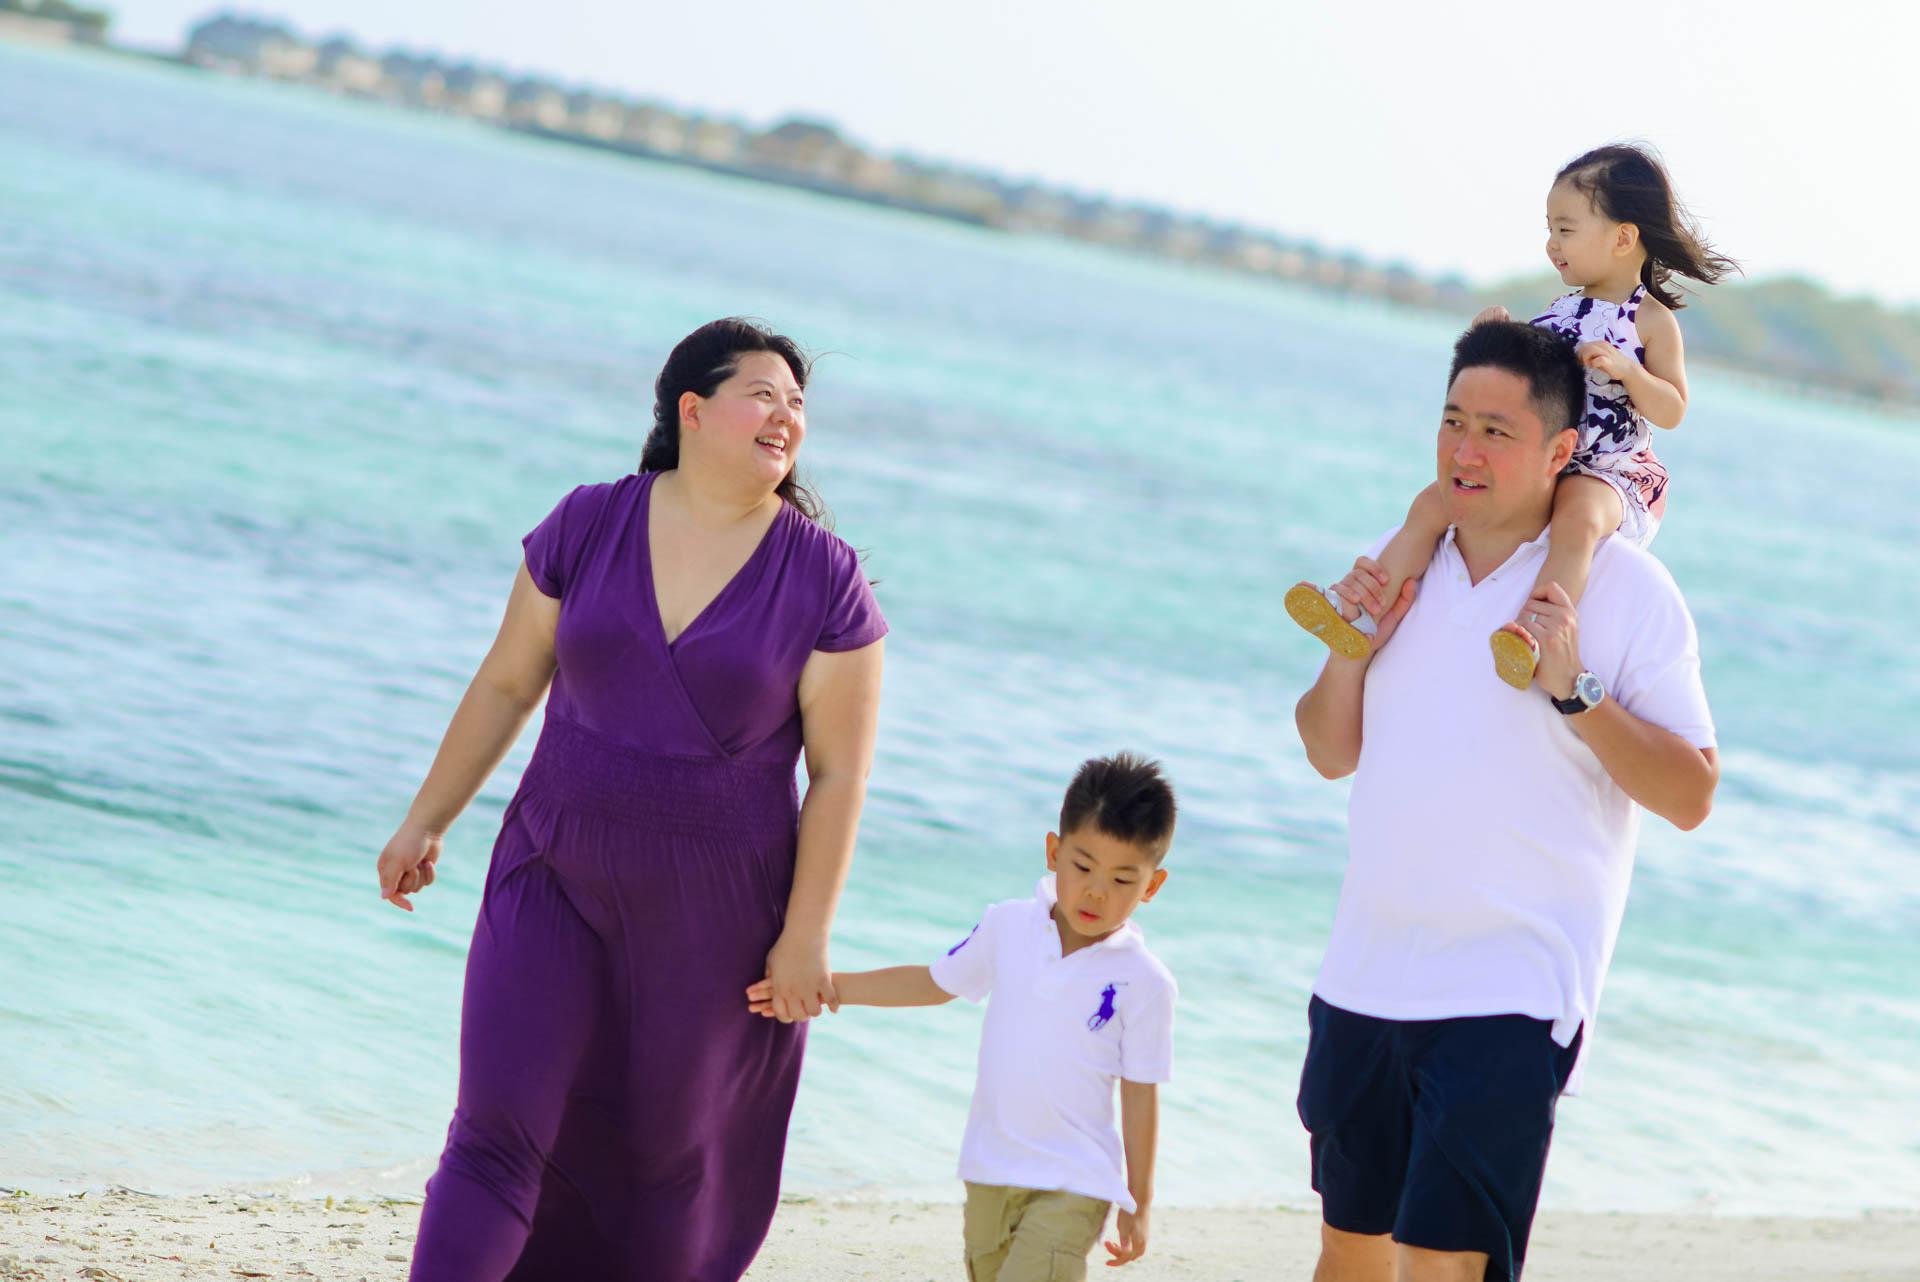 Rosa Family at Four seaons Maldives 38